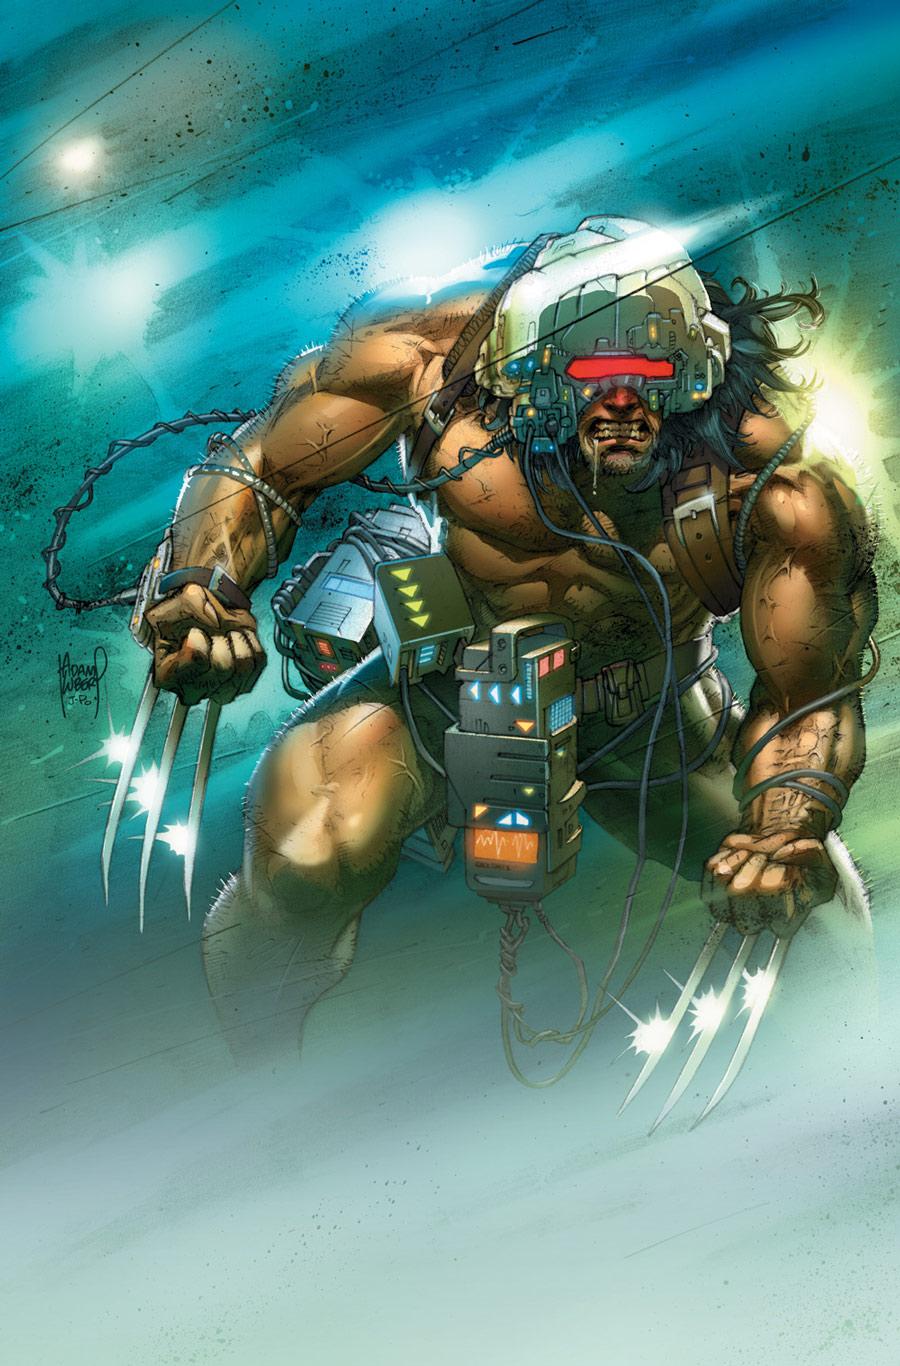 Wolverine_Weapon_X_1.jpg